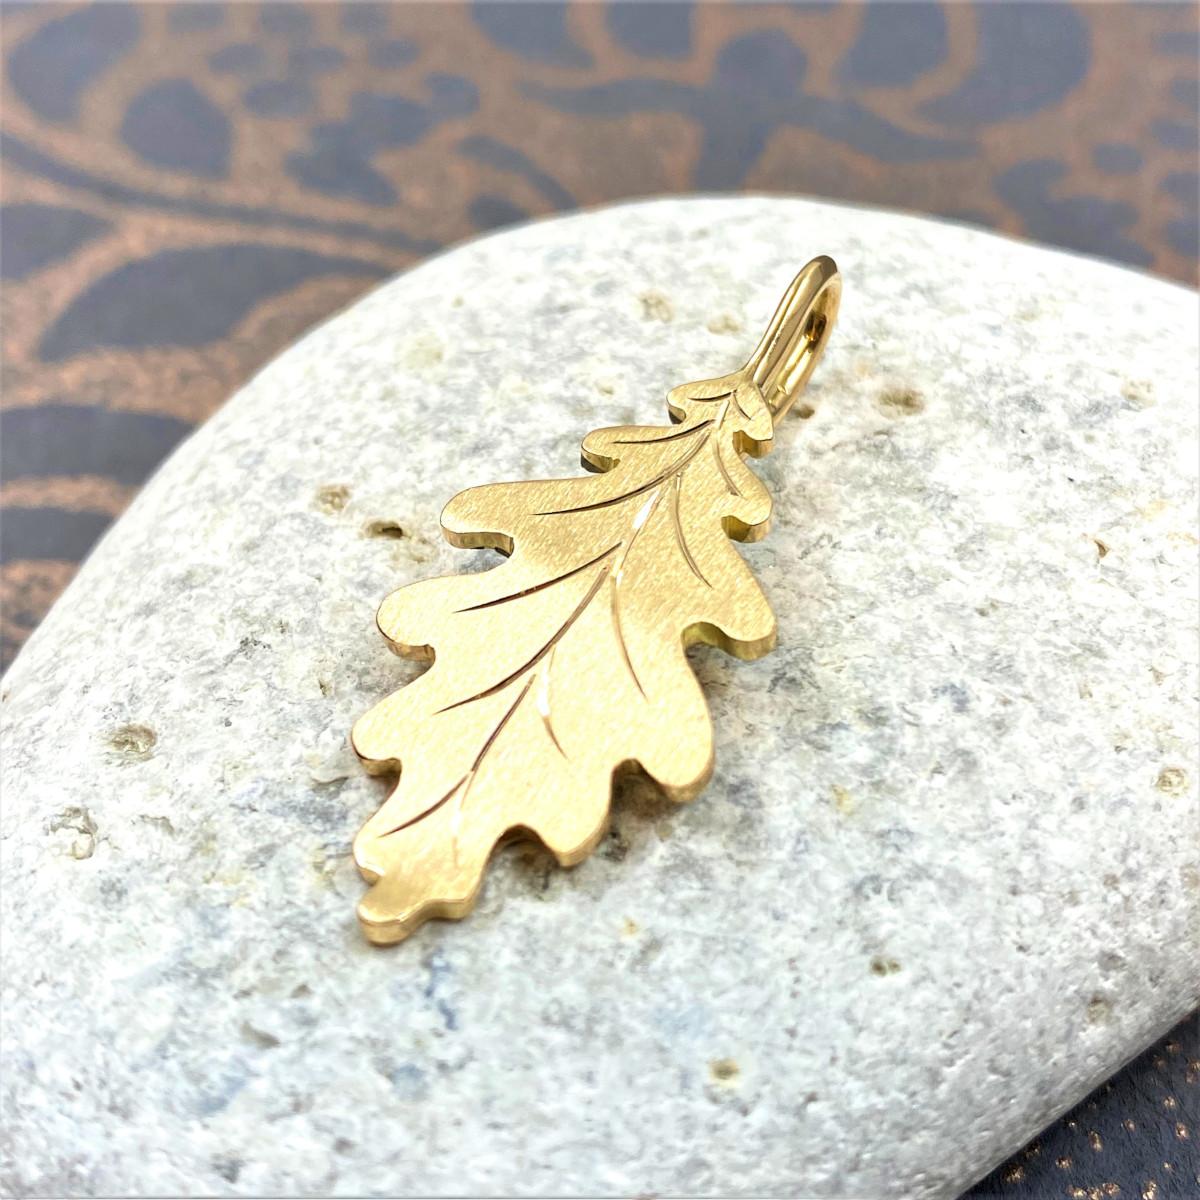 Guldlöv, eklöv i guld, lövsmycke